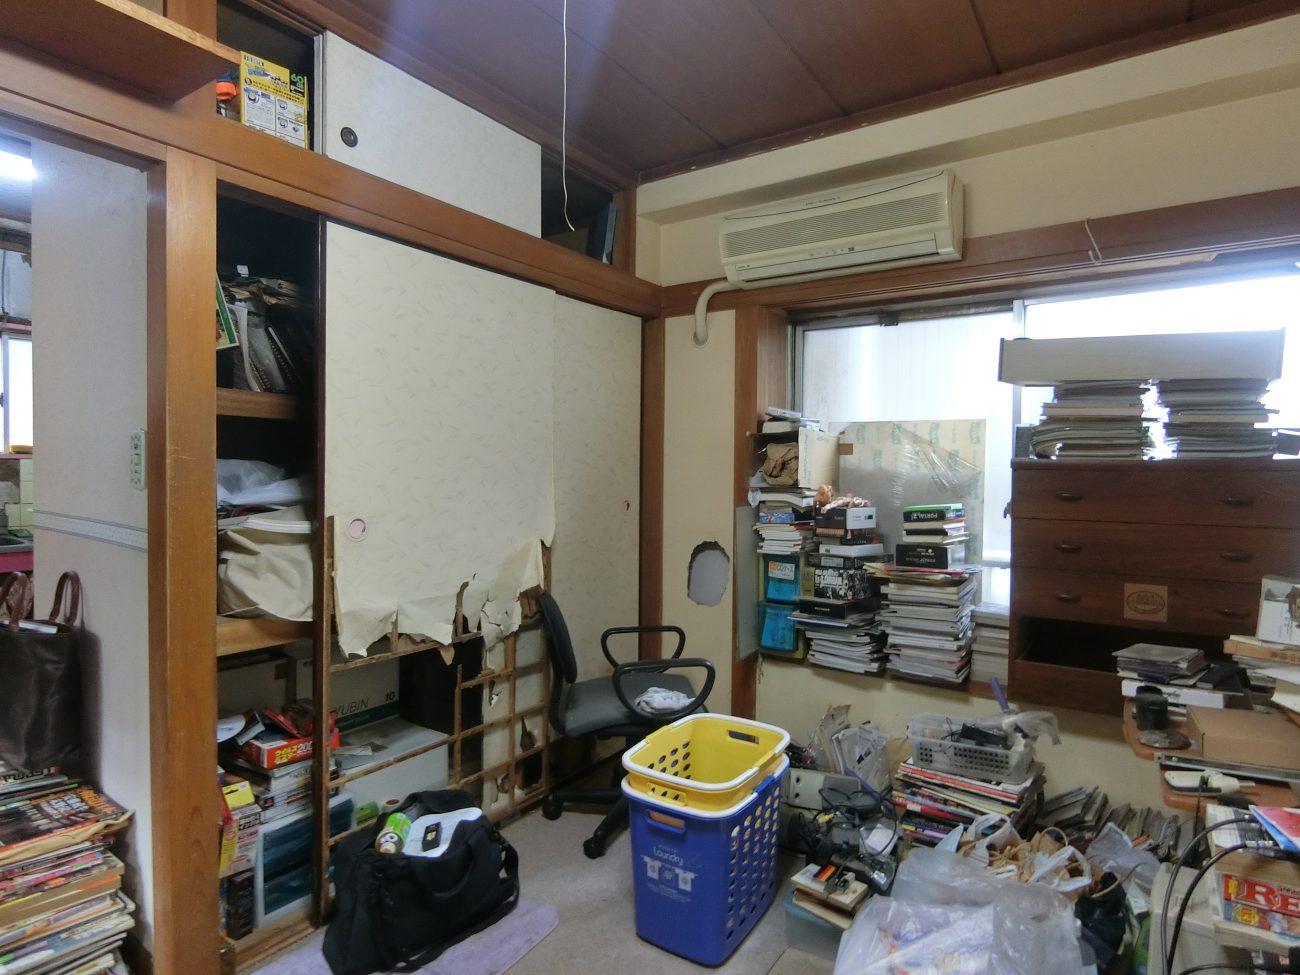 中野新橋 RC 20m2 ご自宅向けスケルトンコンパクトリフォームの画像